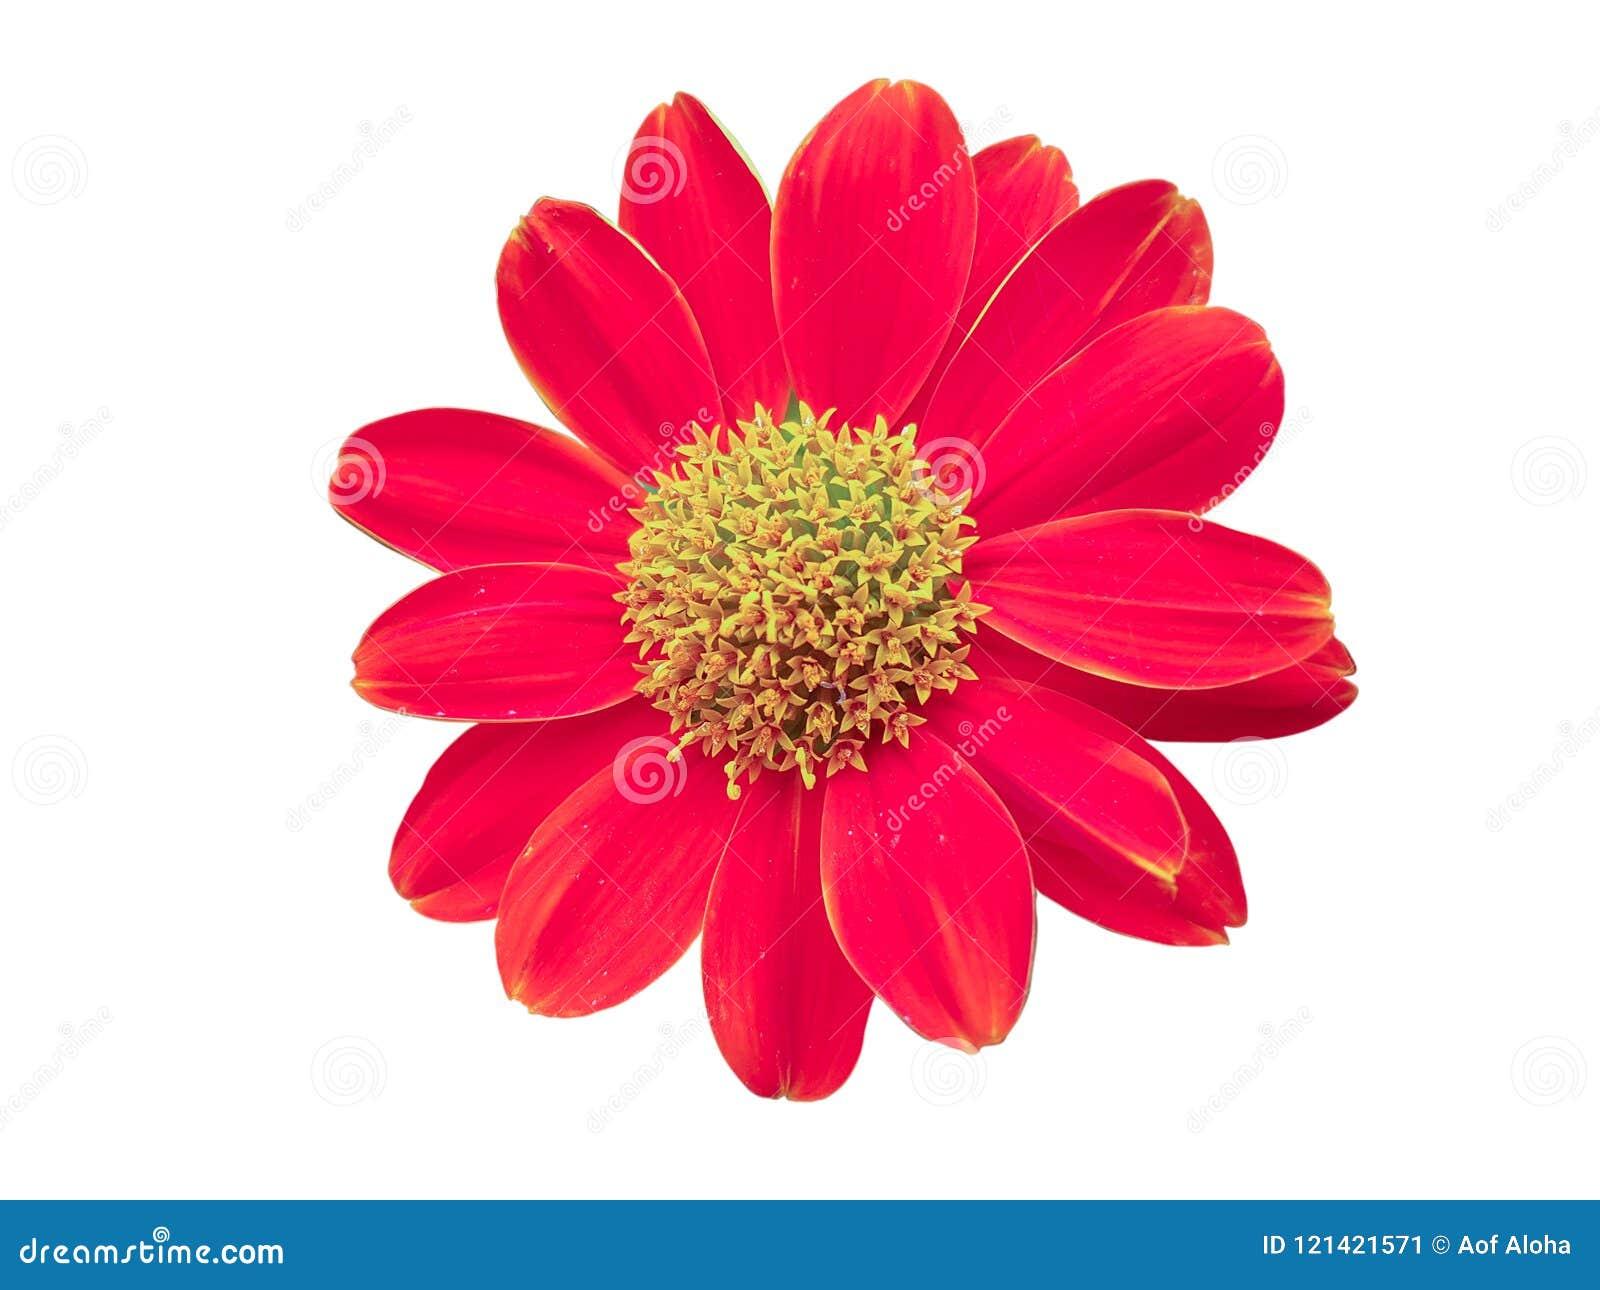 Fiore rosso isolato su priorità bassa bianca